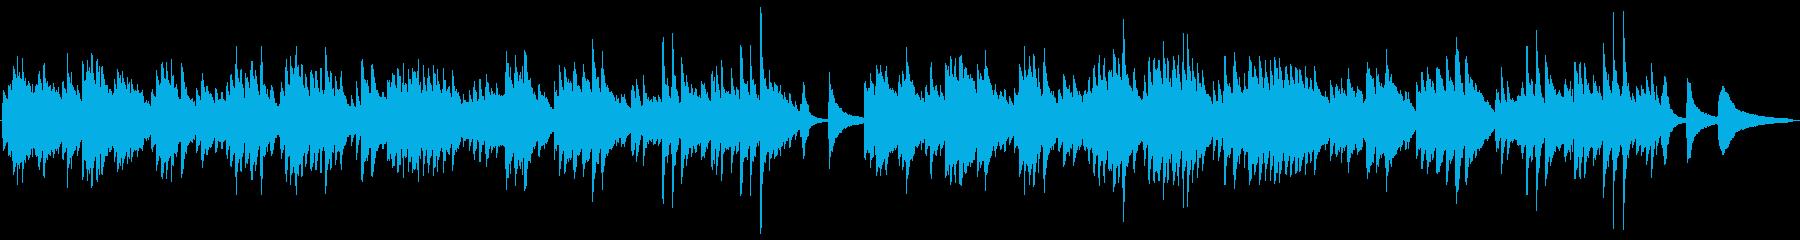 ピアノ生演奏/思い出・愛・キラキラ・静かの再生済みの波形